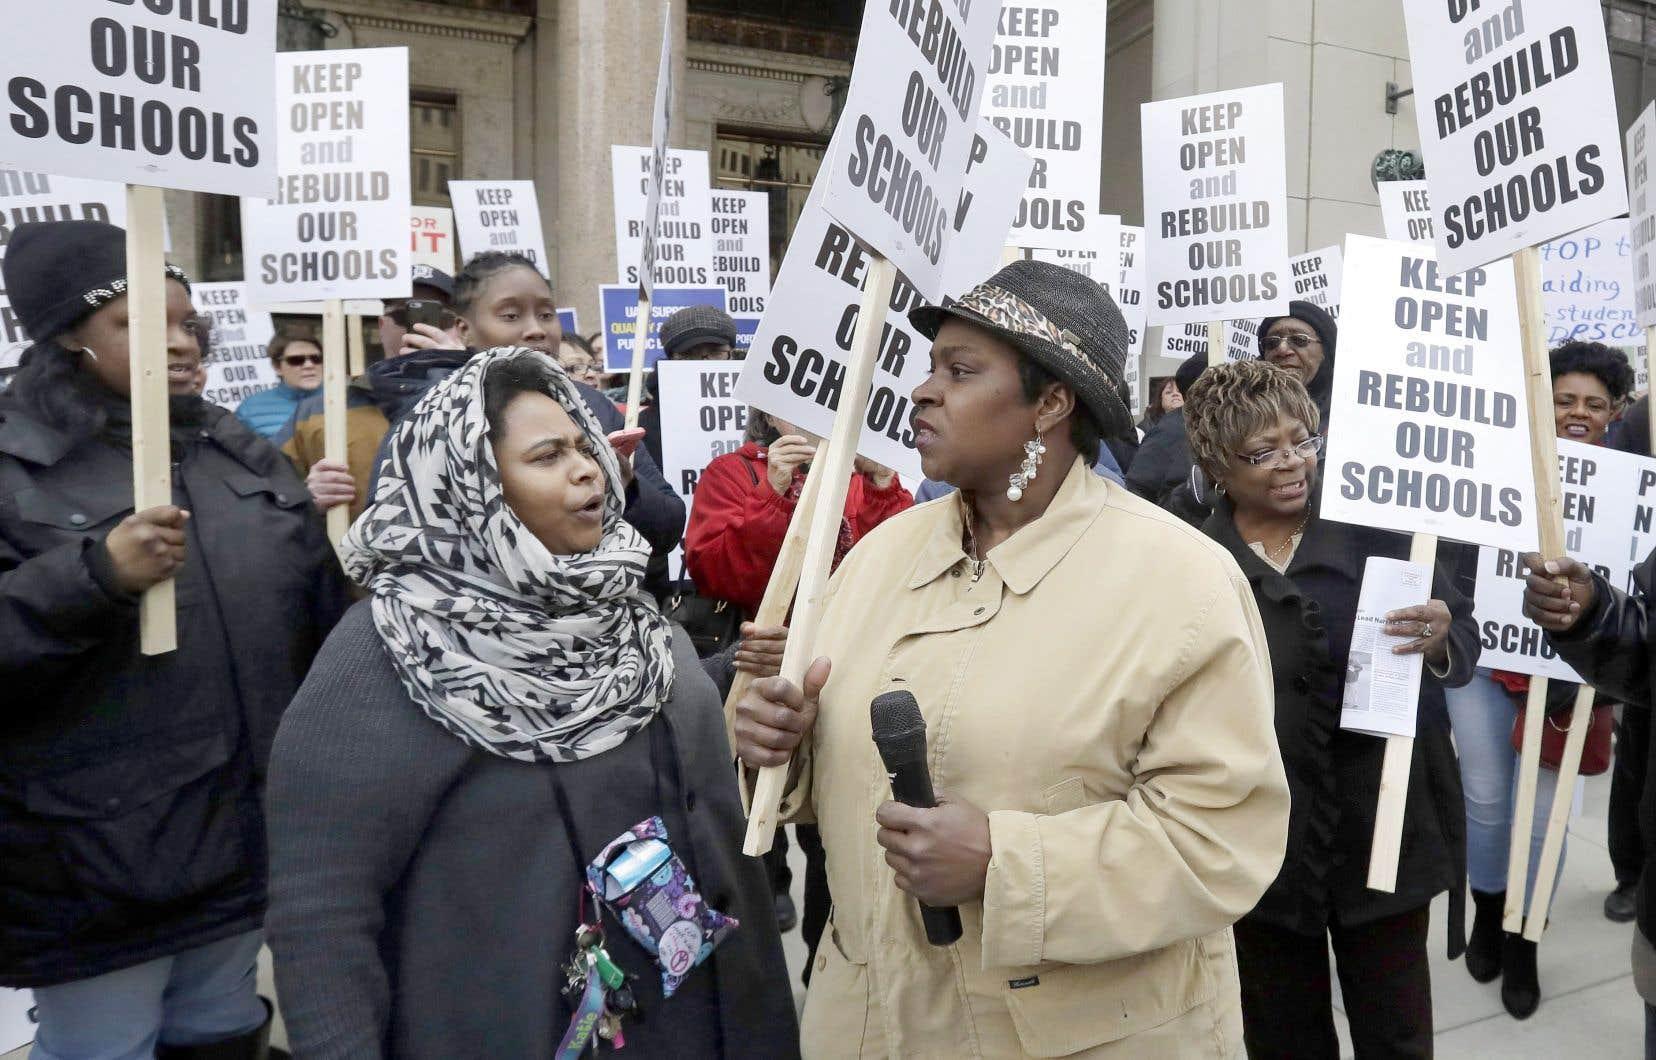 Le délabrement des écoles publiques au Michigan préoccupe les parents et les enseignants. Une manifestation s'est déroulée en février à Detroit pour protester contre la fermeture de dizaines d'écoles.